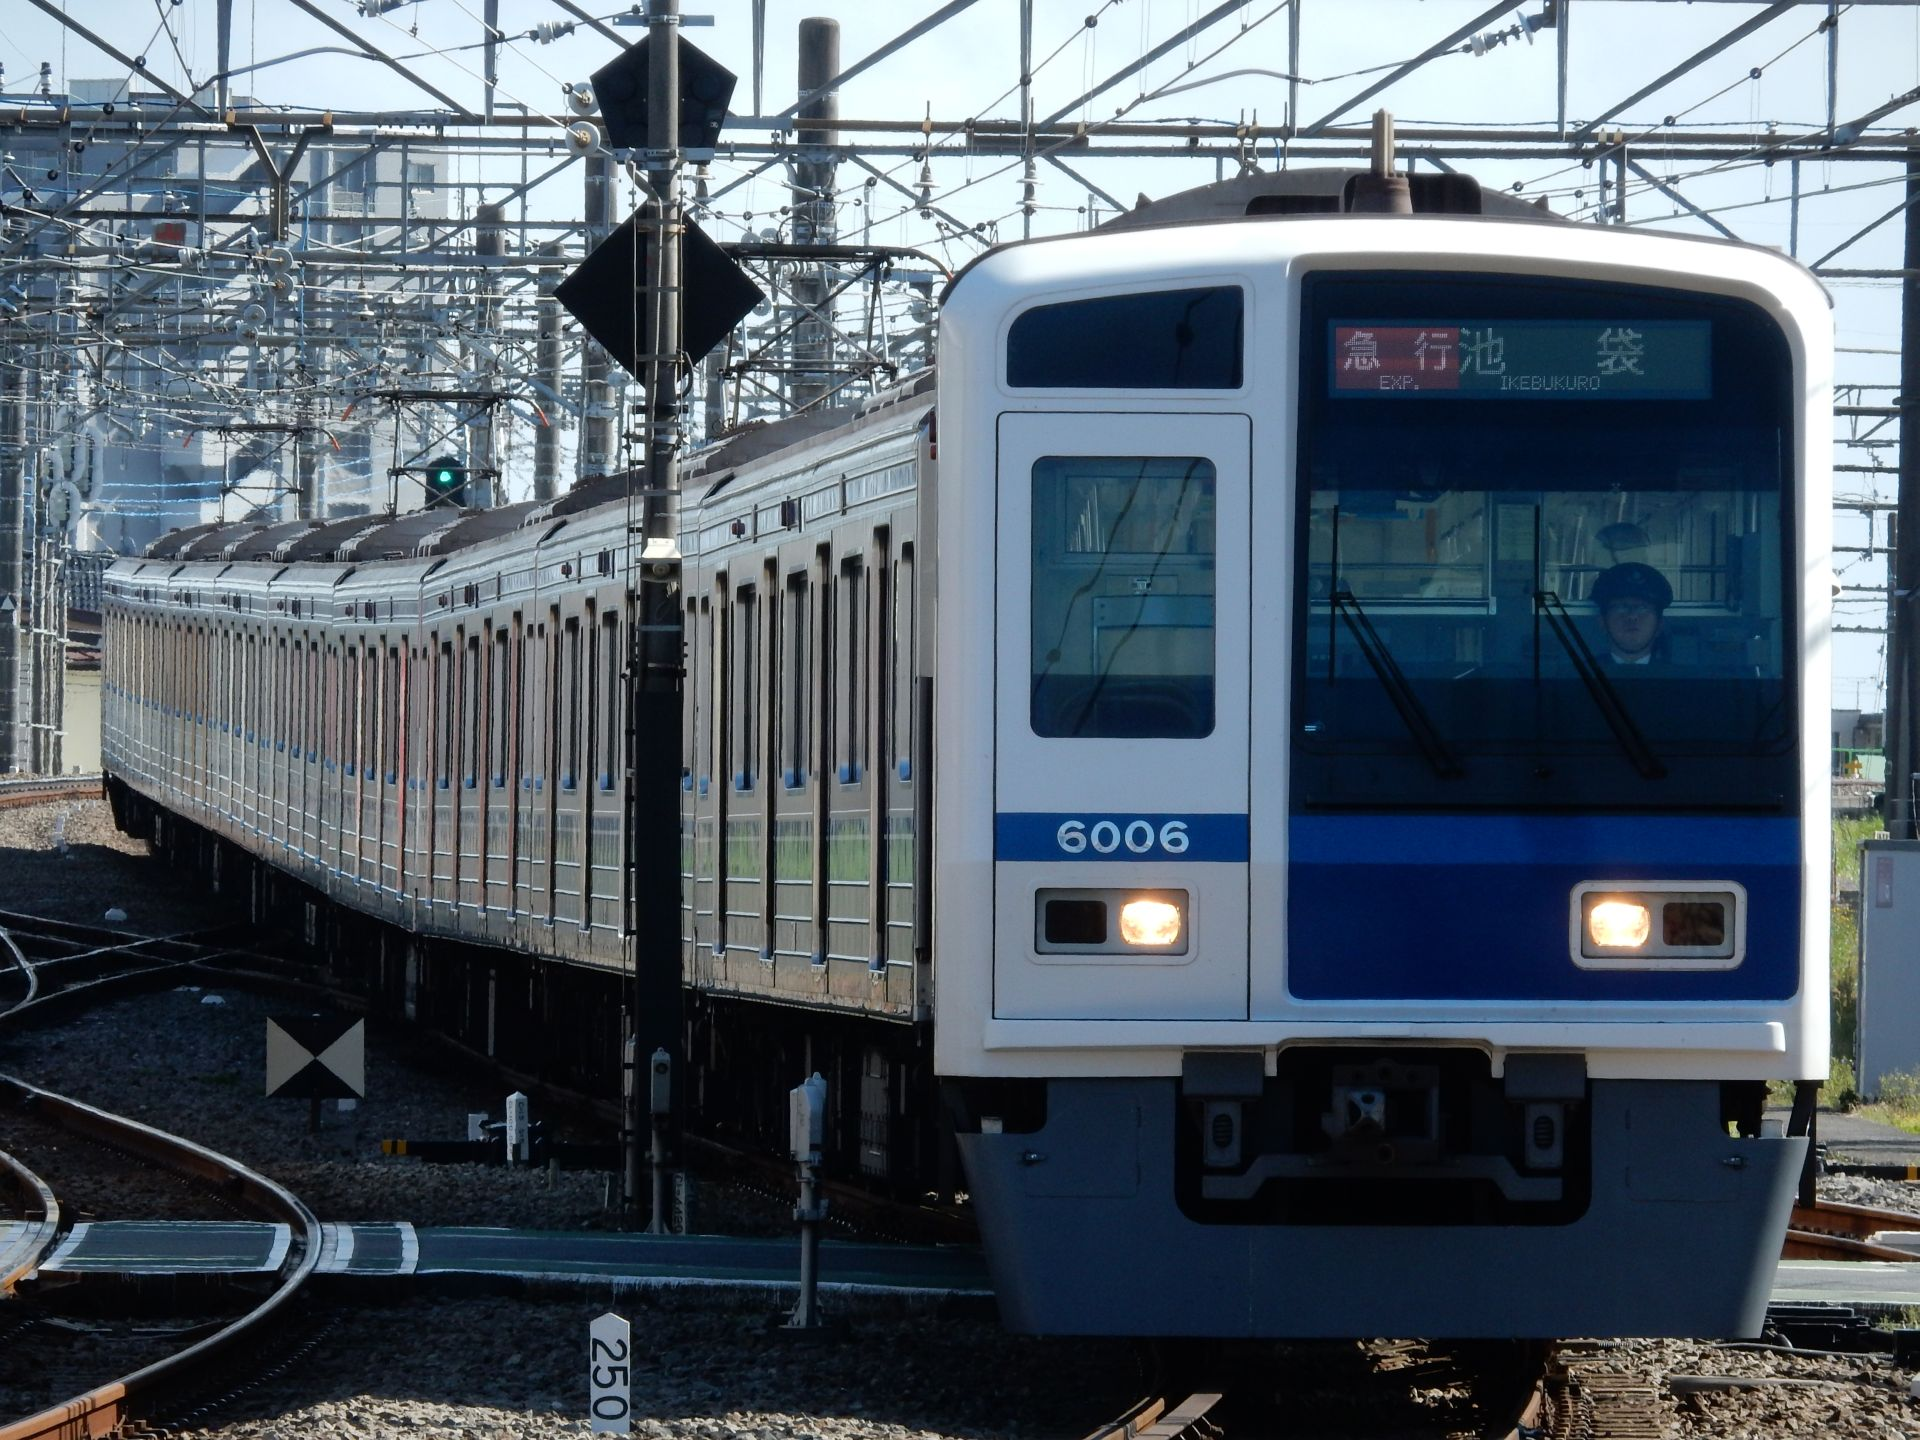 DSCN7759 - コピー